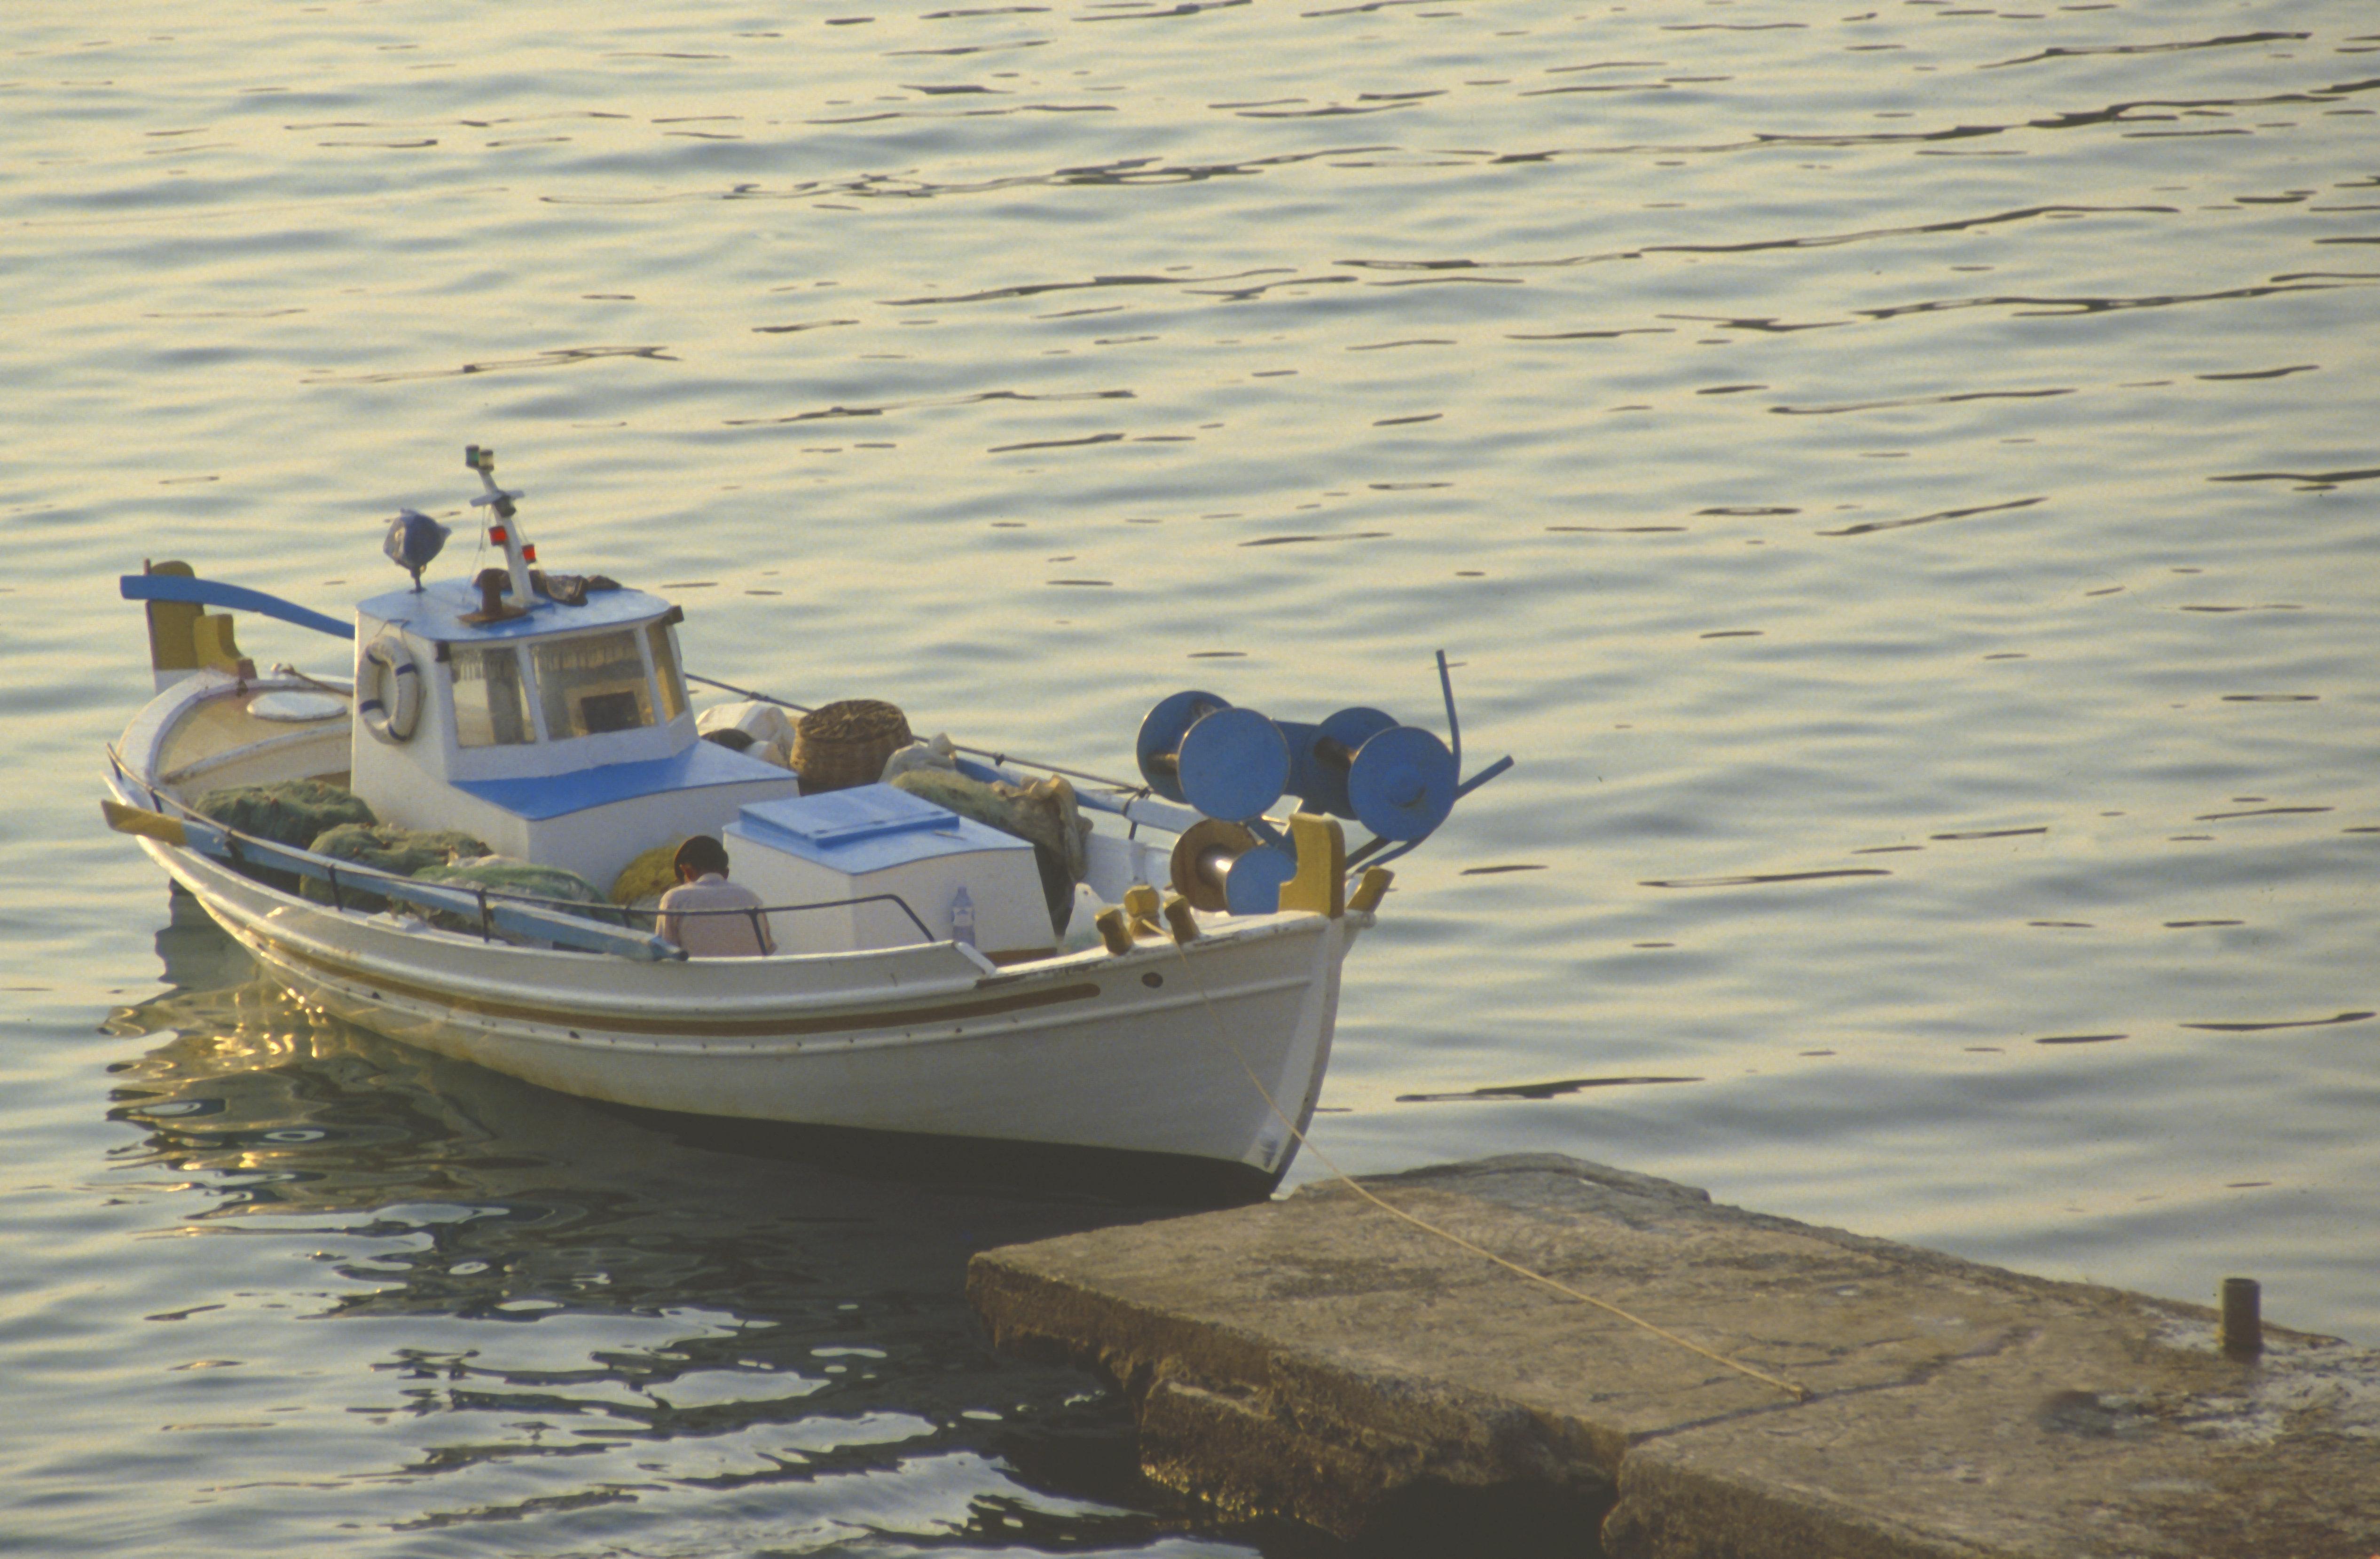 Στη Φώκαια εντοπίστηκε η σορός 67χρονου αλιέα που αγνοείτο από τις 7